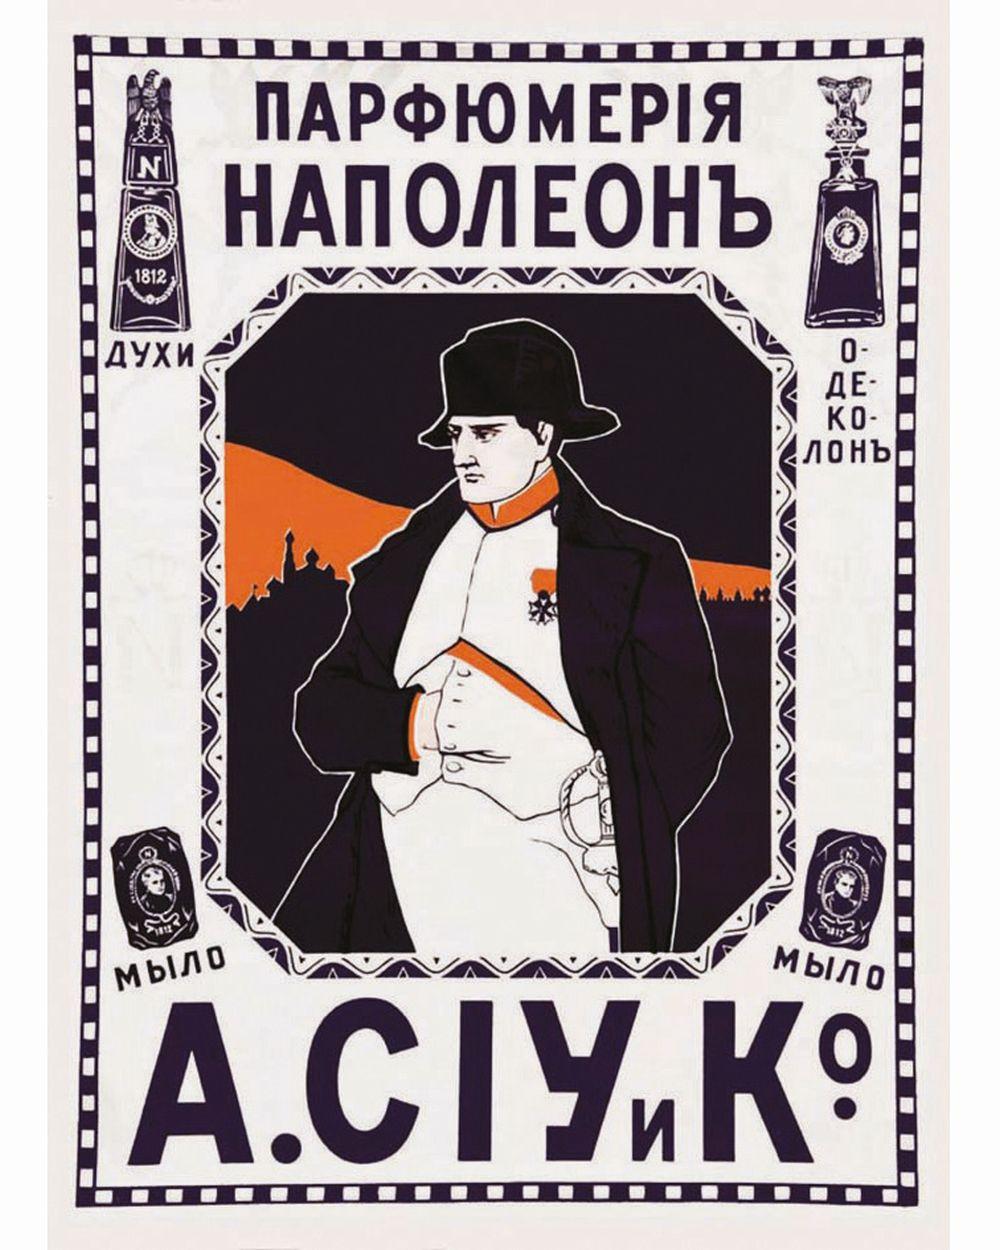 Aah ah ah! Parfumerie Napoléon! Affiche Russe     vers 1950